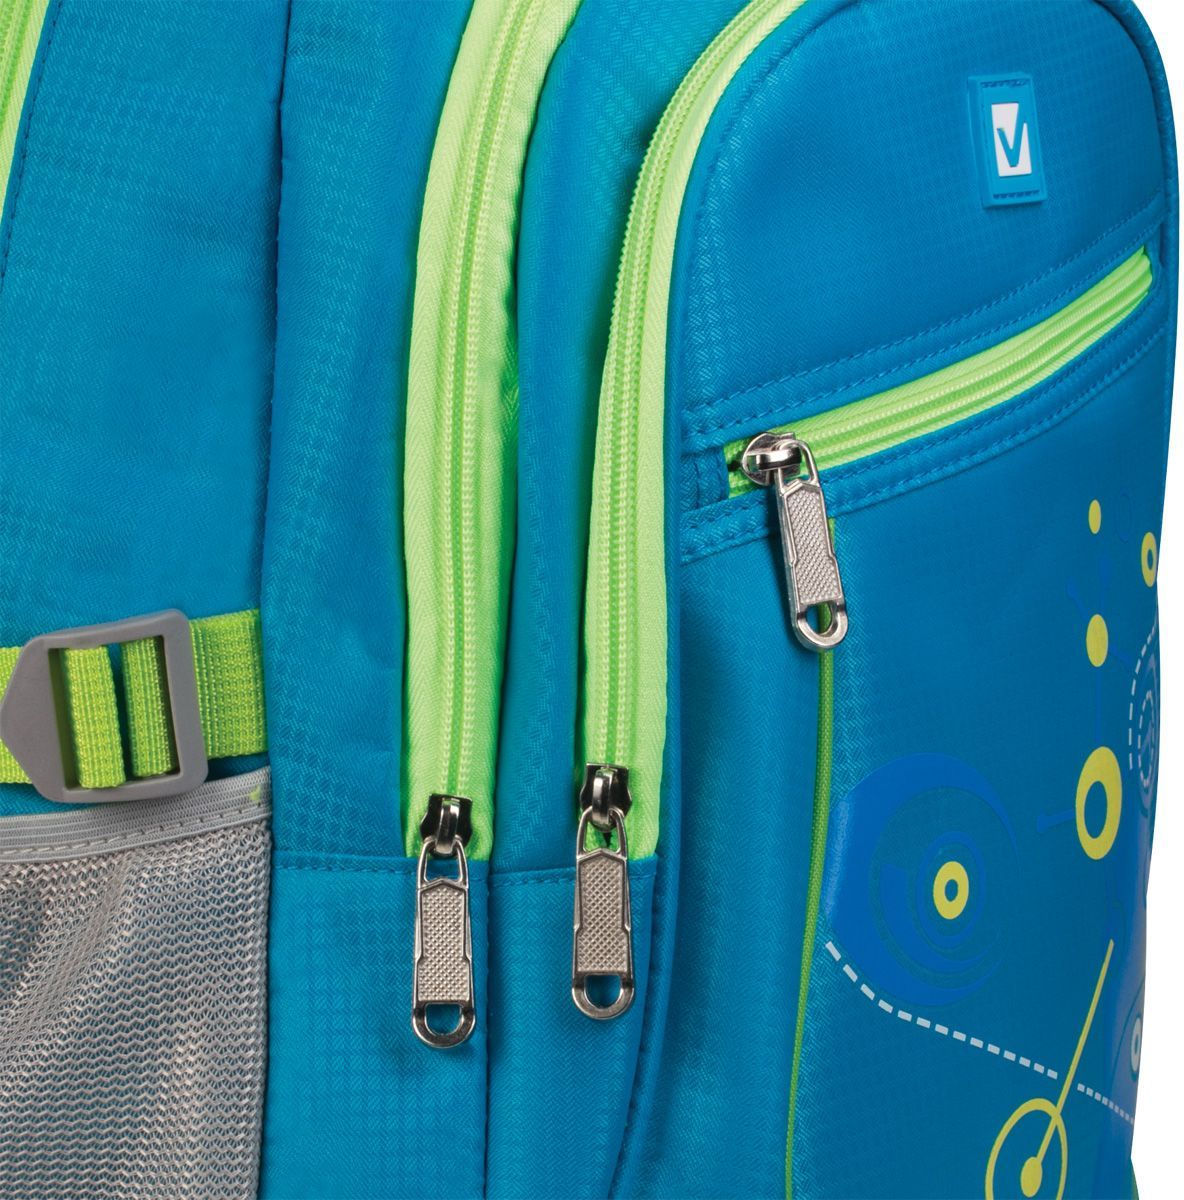 Оригинальная модель жизнерадостной расцветки подойдет для тех, кто любит активный образ жизни. Этот рюкзак не только стильный, но и практичный: количество карманов и отделений позволит иметь все необходимое под рукой.•2 отделения, 4 кармана. •Формоустойчивая спинка. •Ремни регулировки объема. •Водоотталкивающая ткань. •Размер: 46х34х18 см. •Объем: 30 литров.